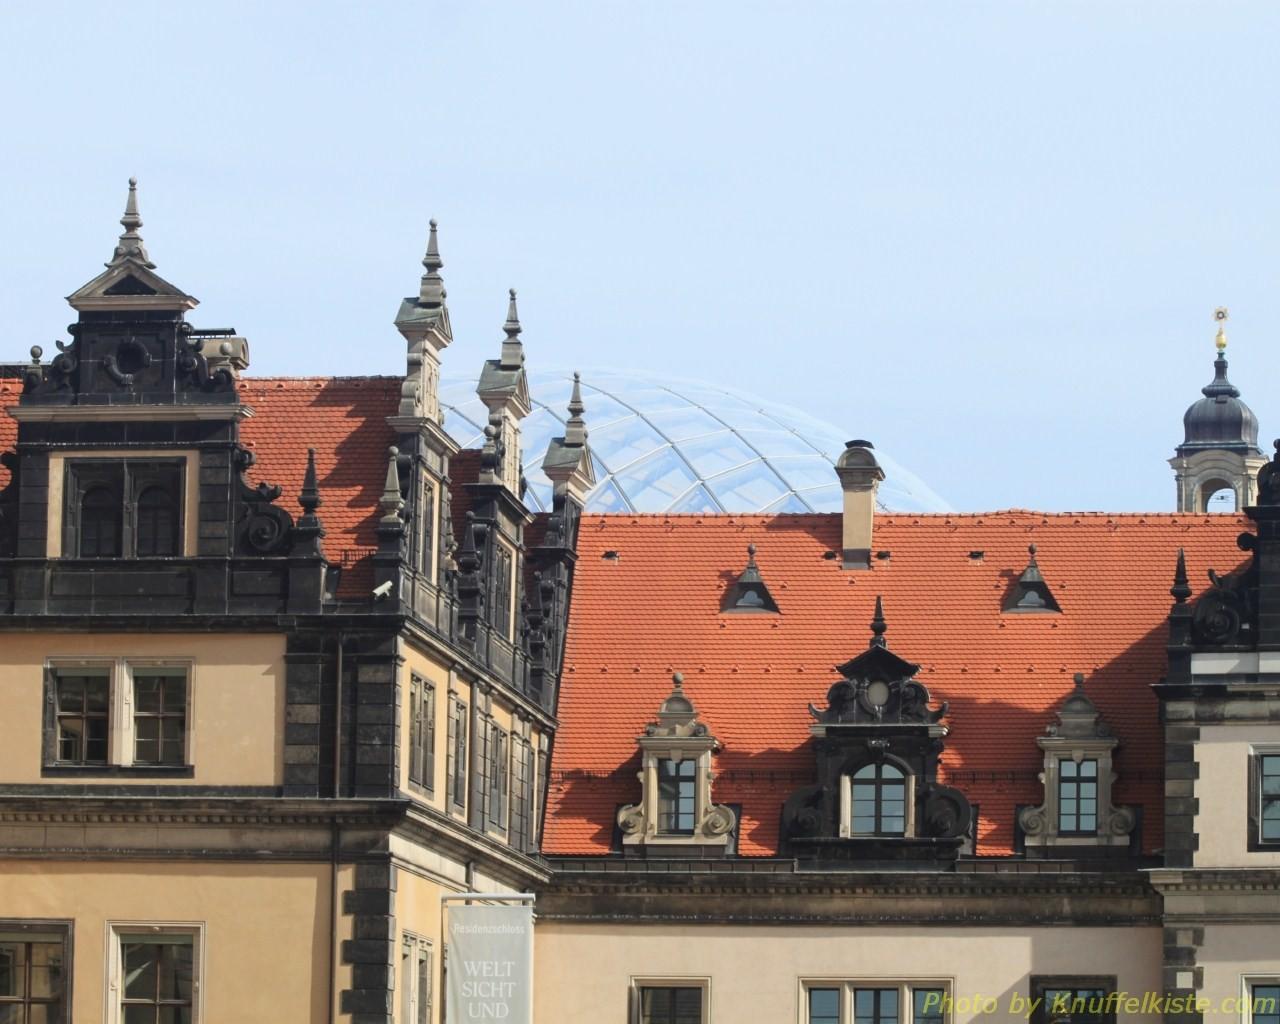 Glaskuppel des Schlosses